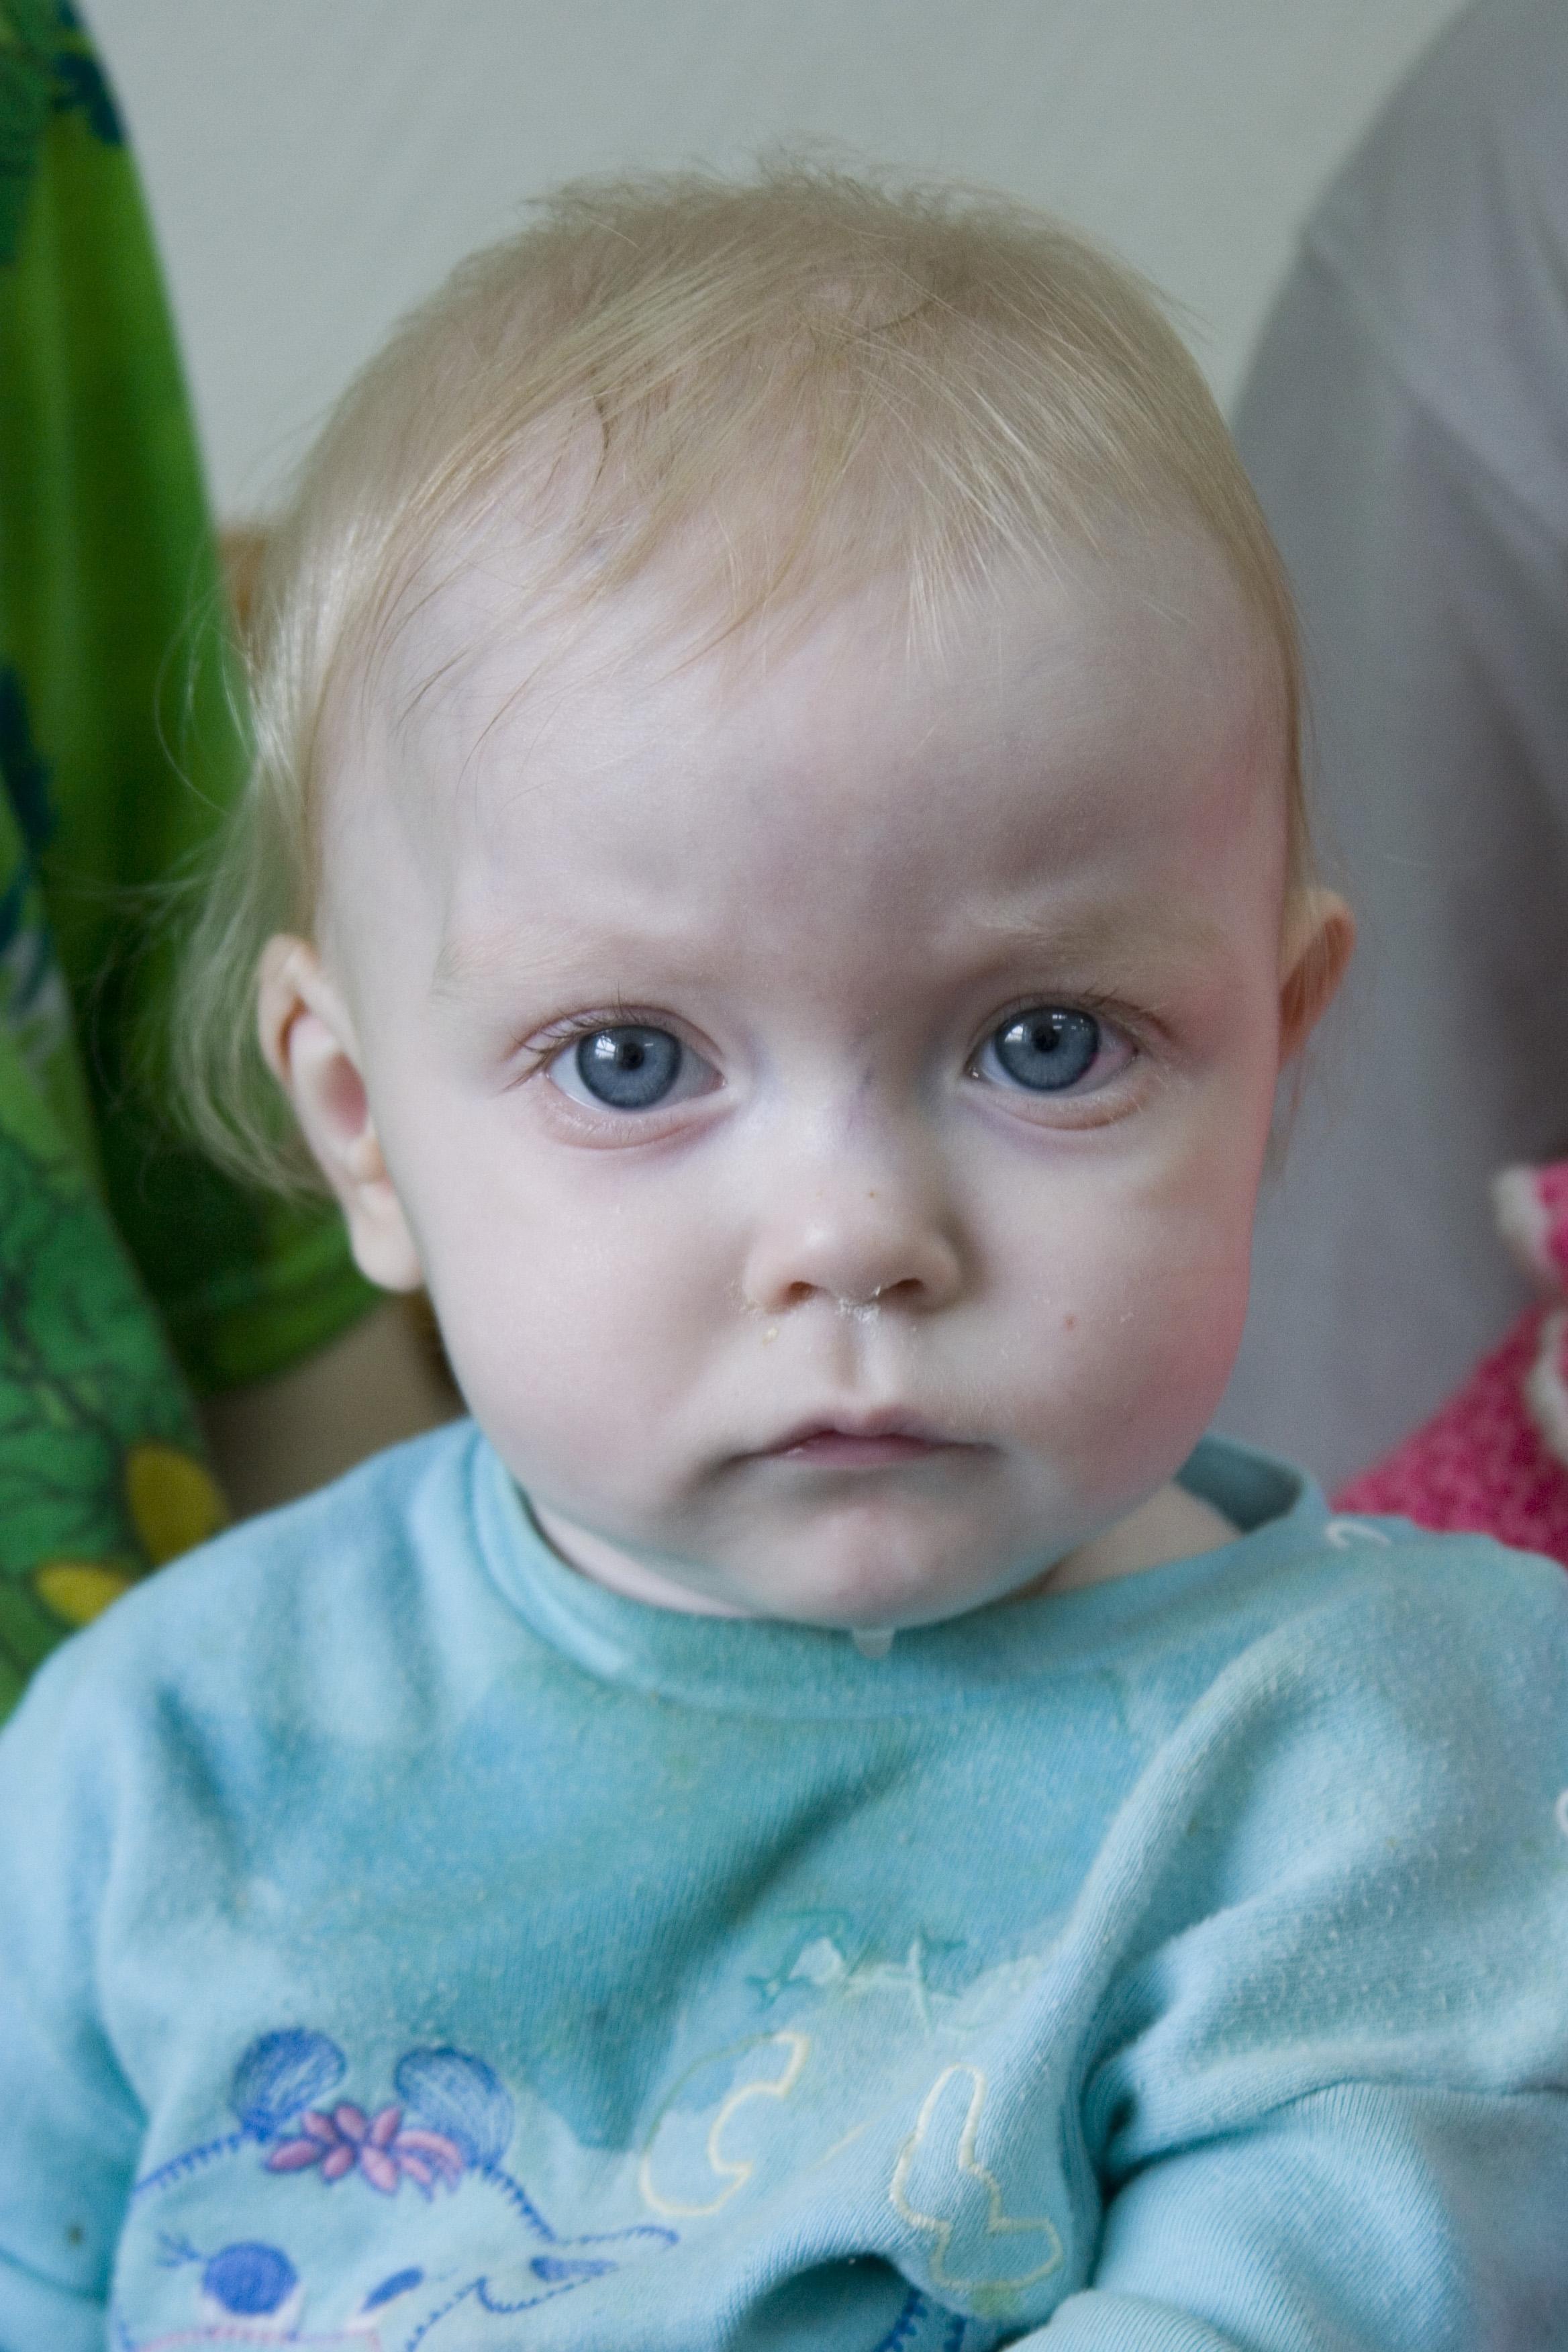 Baby Katya Khromkova Tomsk 2006.JPG